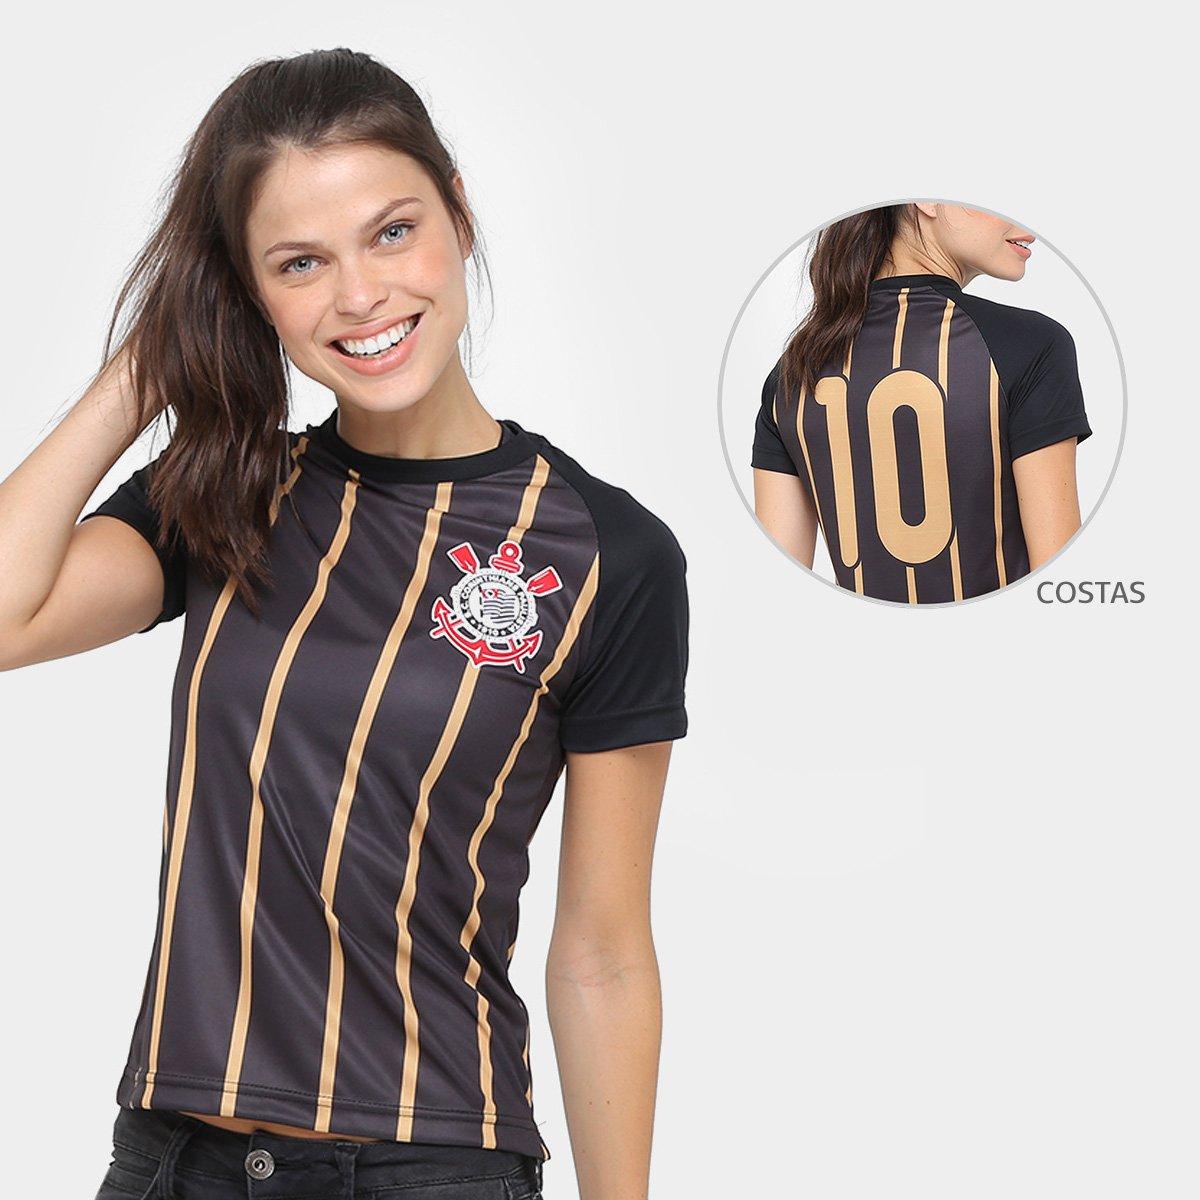 728ed64cca Camisa Corinthians Gold - Edição Limitada Feminina - Compre Agora ...